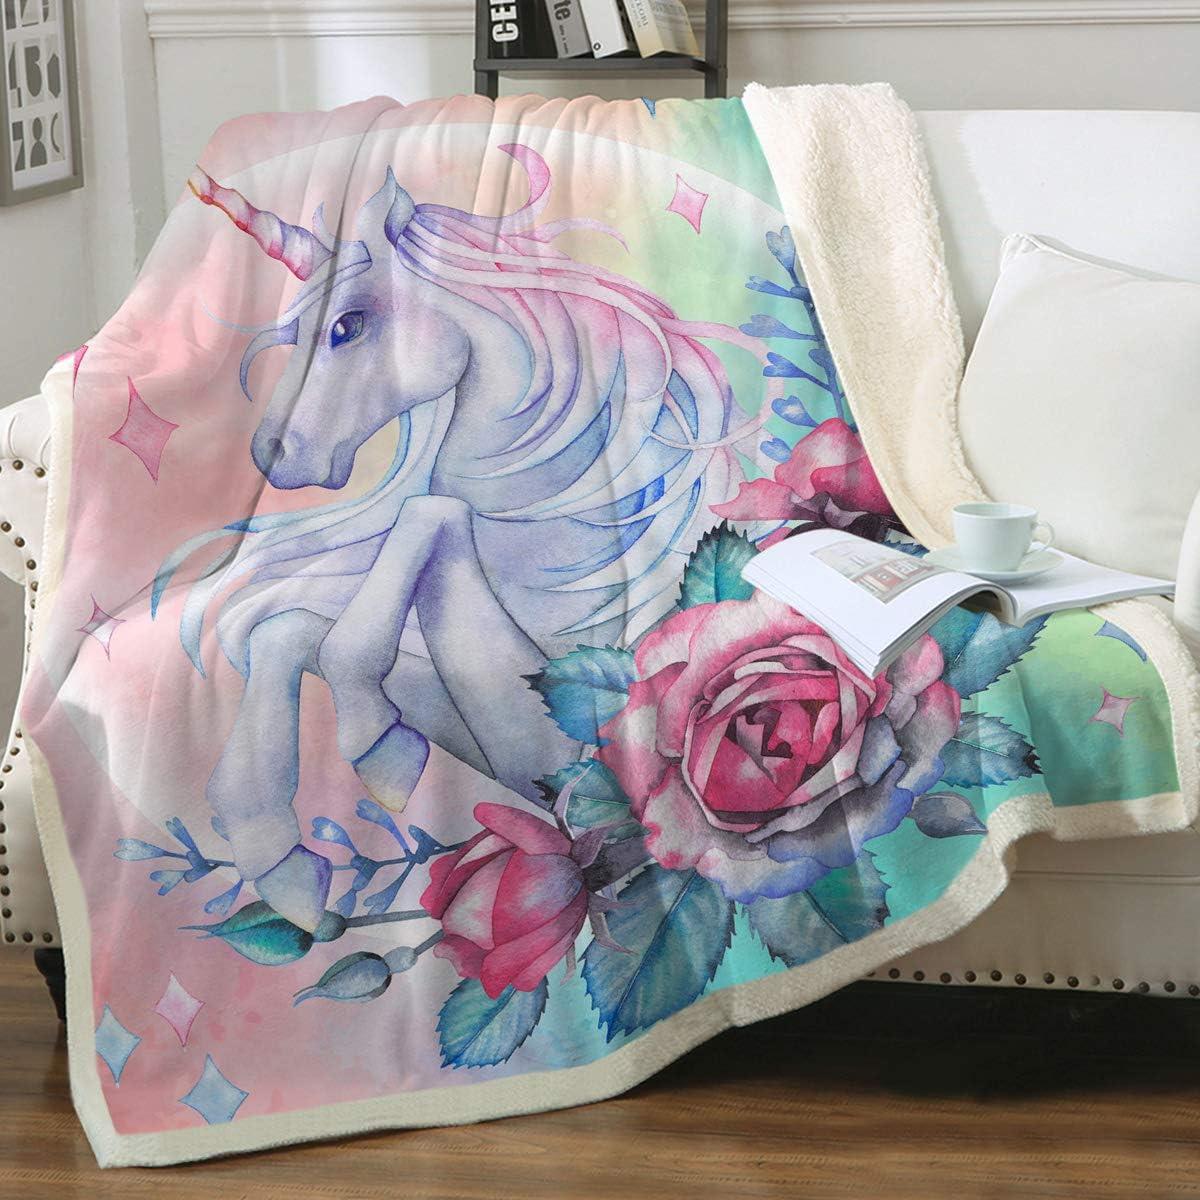 sleepwish-rose-flower-unicorn-fleece